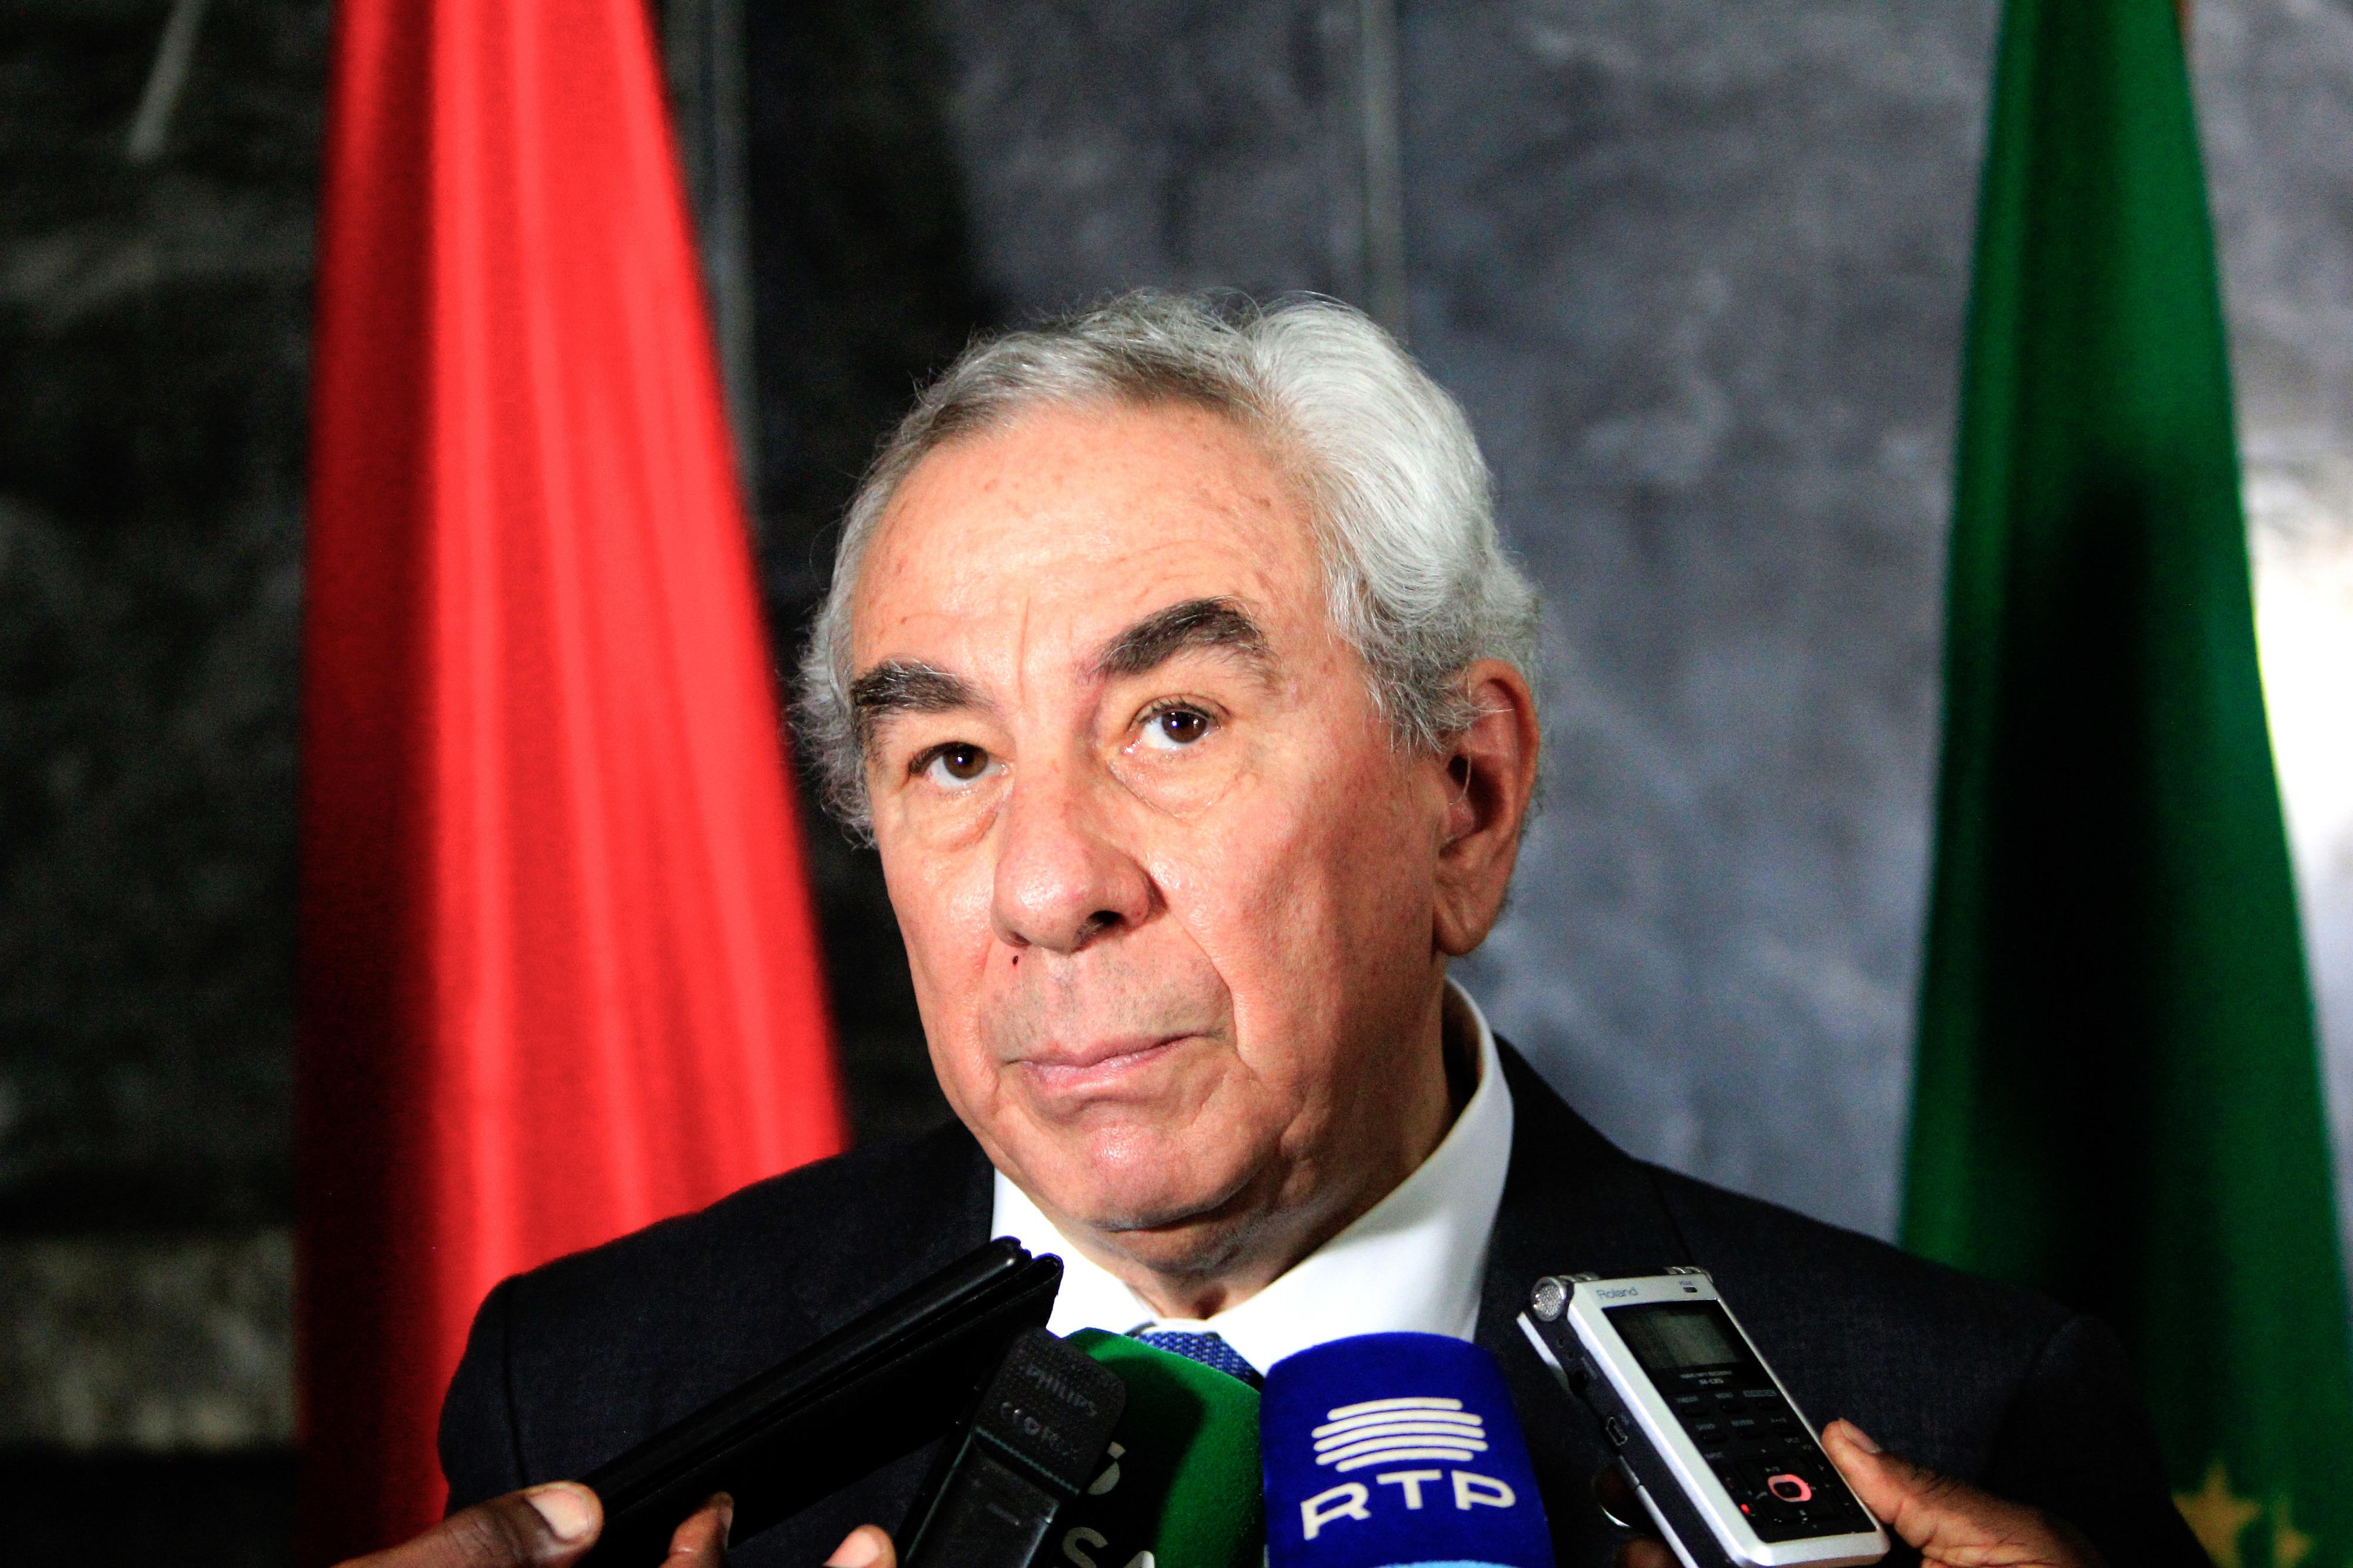 Secretário-executivo da CPLP visita Moçambique a partir de hoje e até sexta-feira